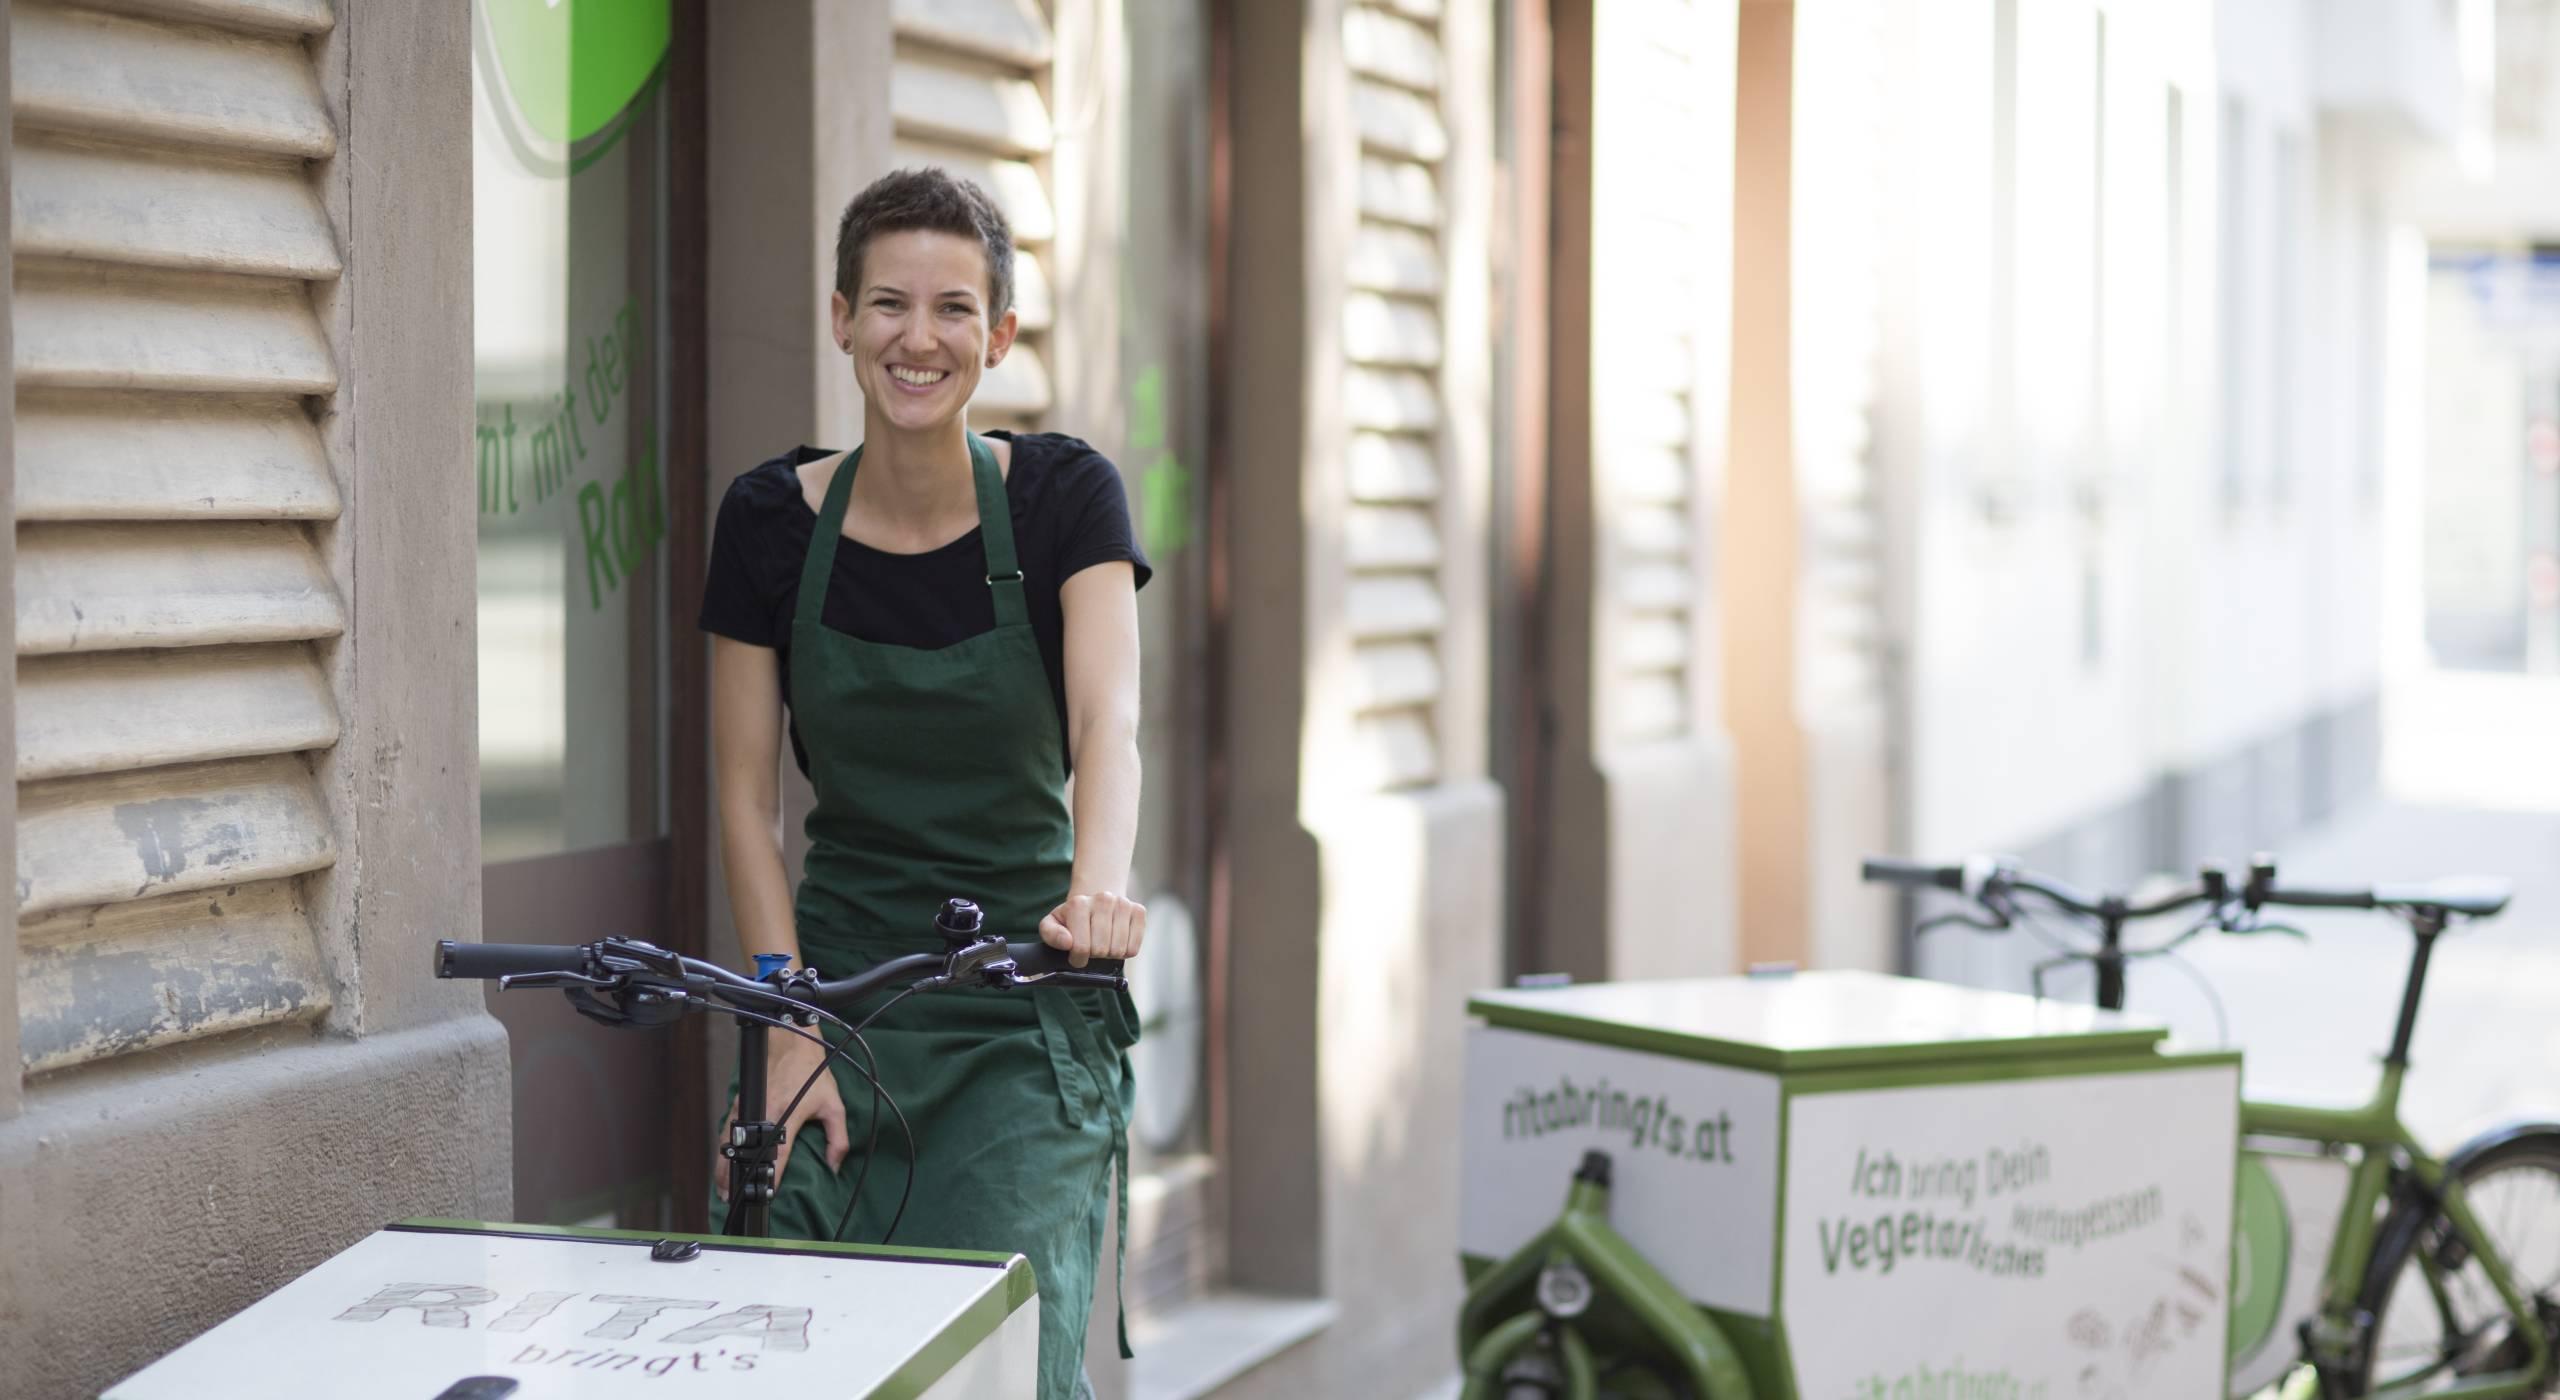 Rita Huber auf einem grünen Transportfahrrad. Foto: ritabringts.at